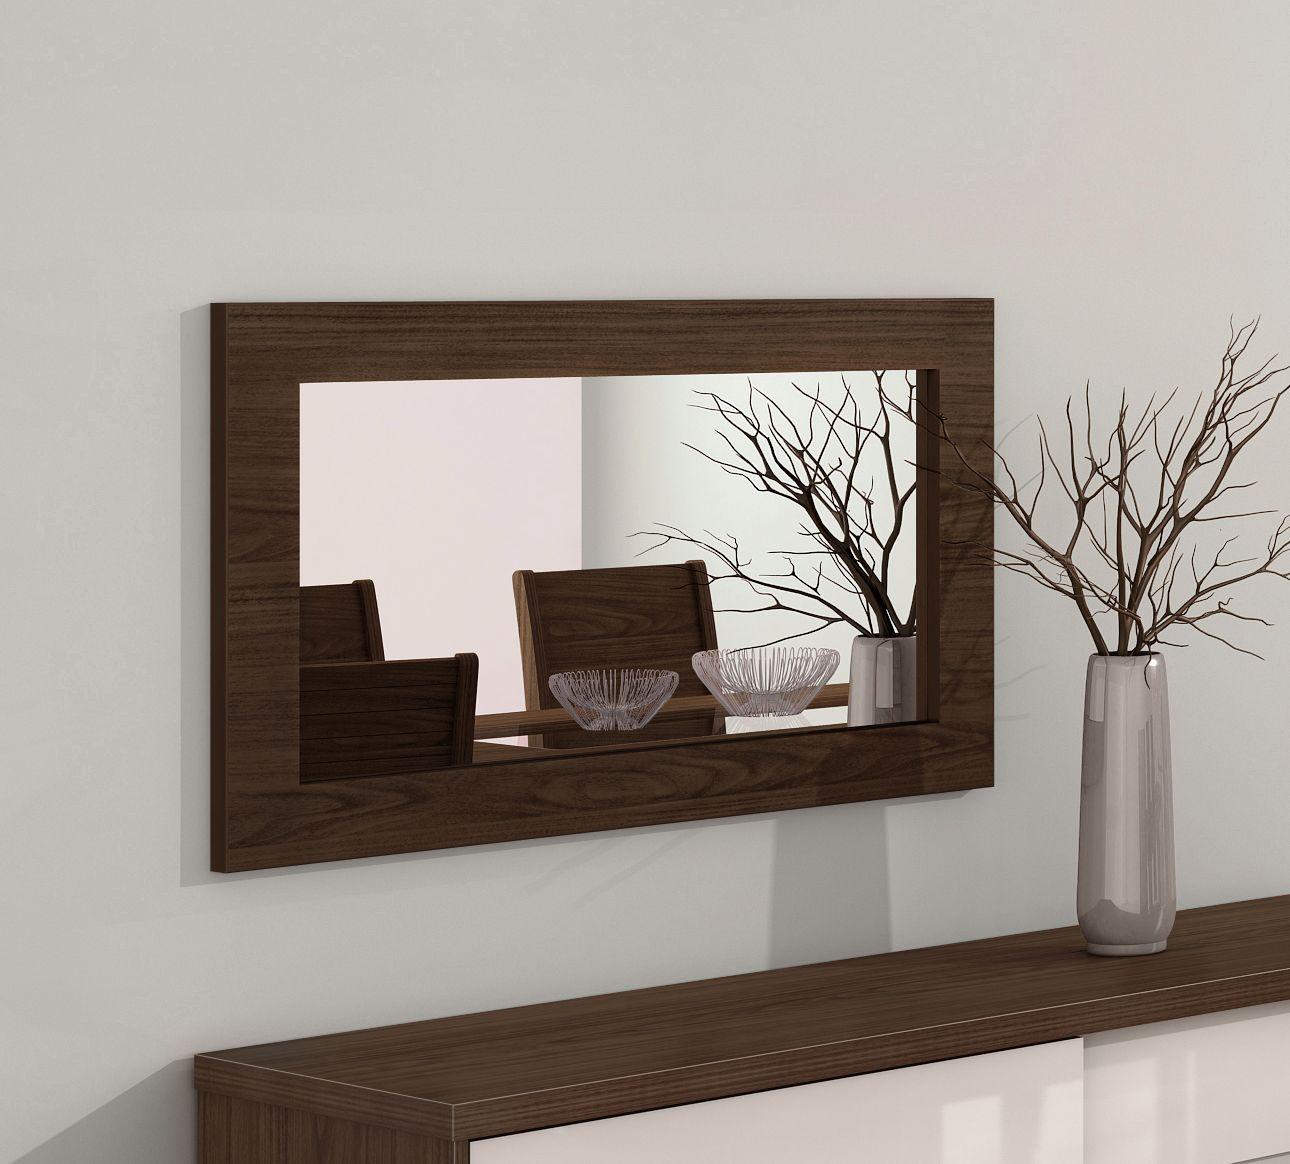 Sala De Jantar Lopas Iracema ~  com espelho para sala de jantar lopas buzios imbuia cód 662300 lopas